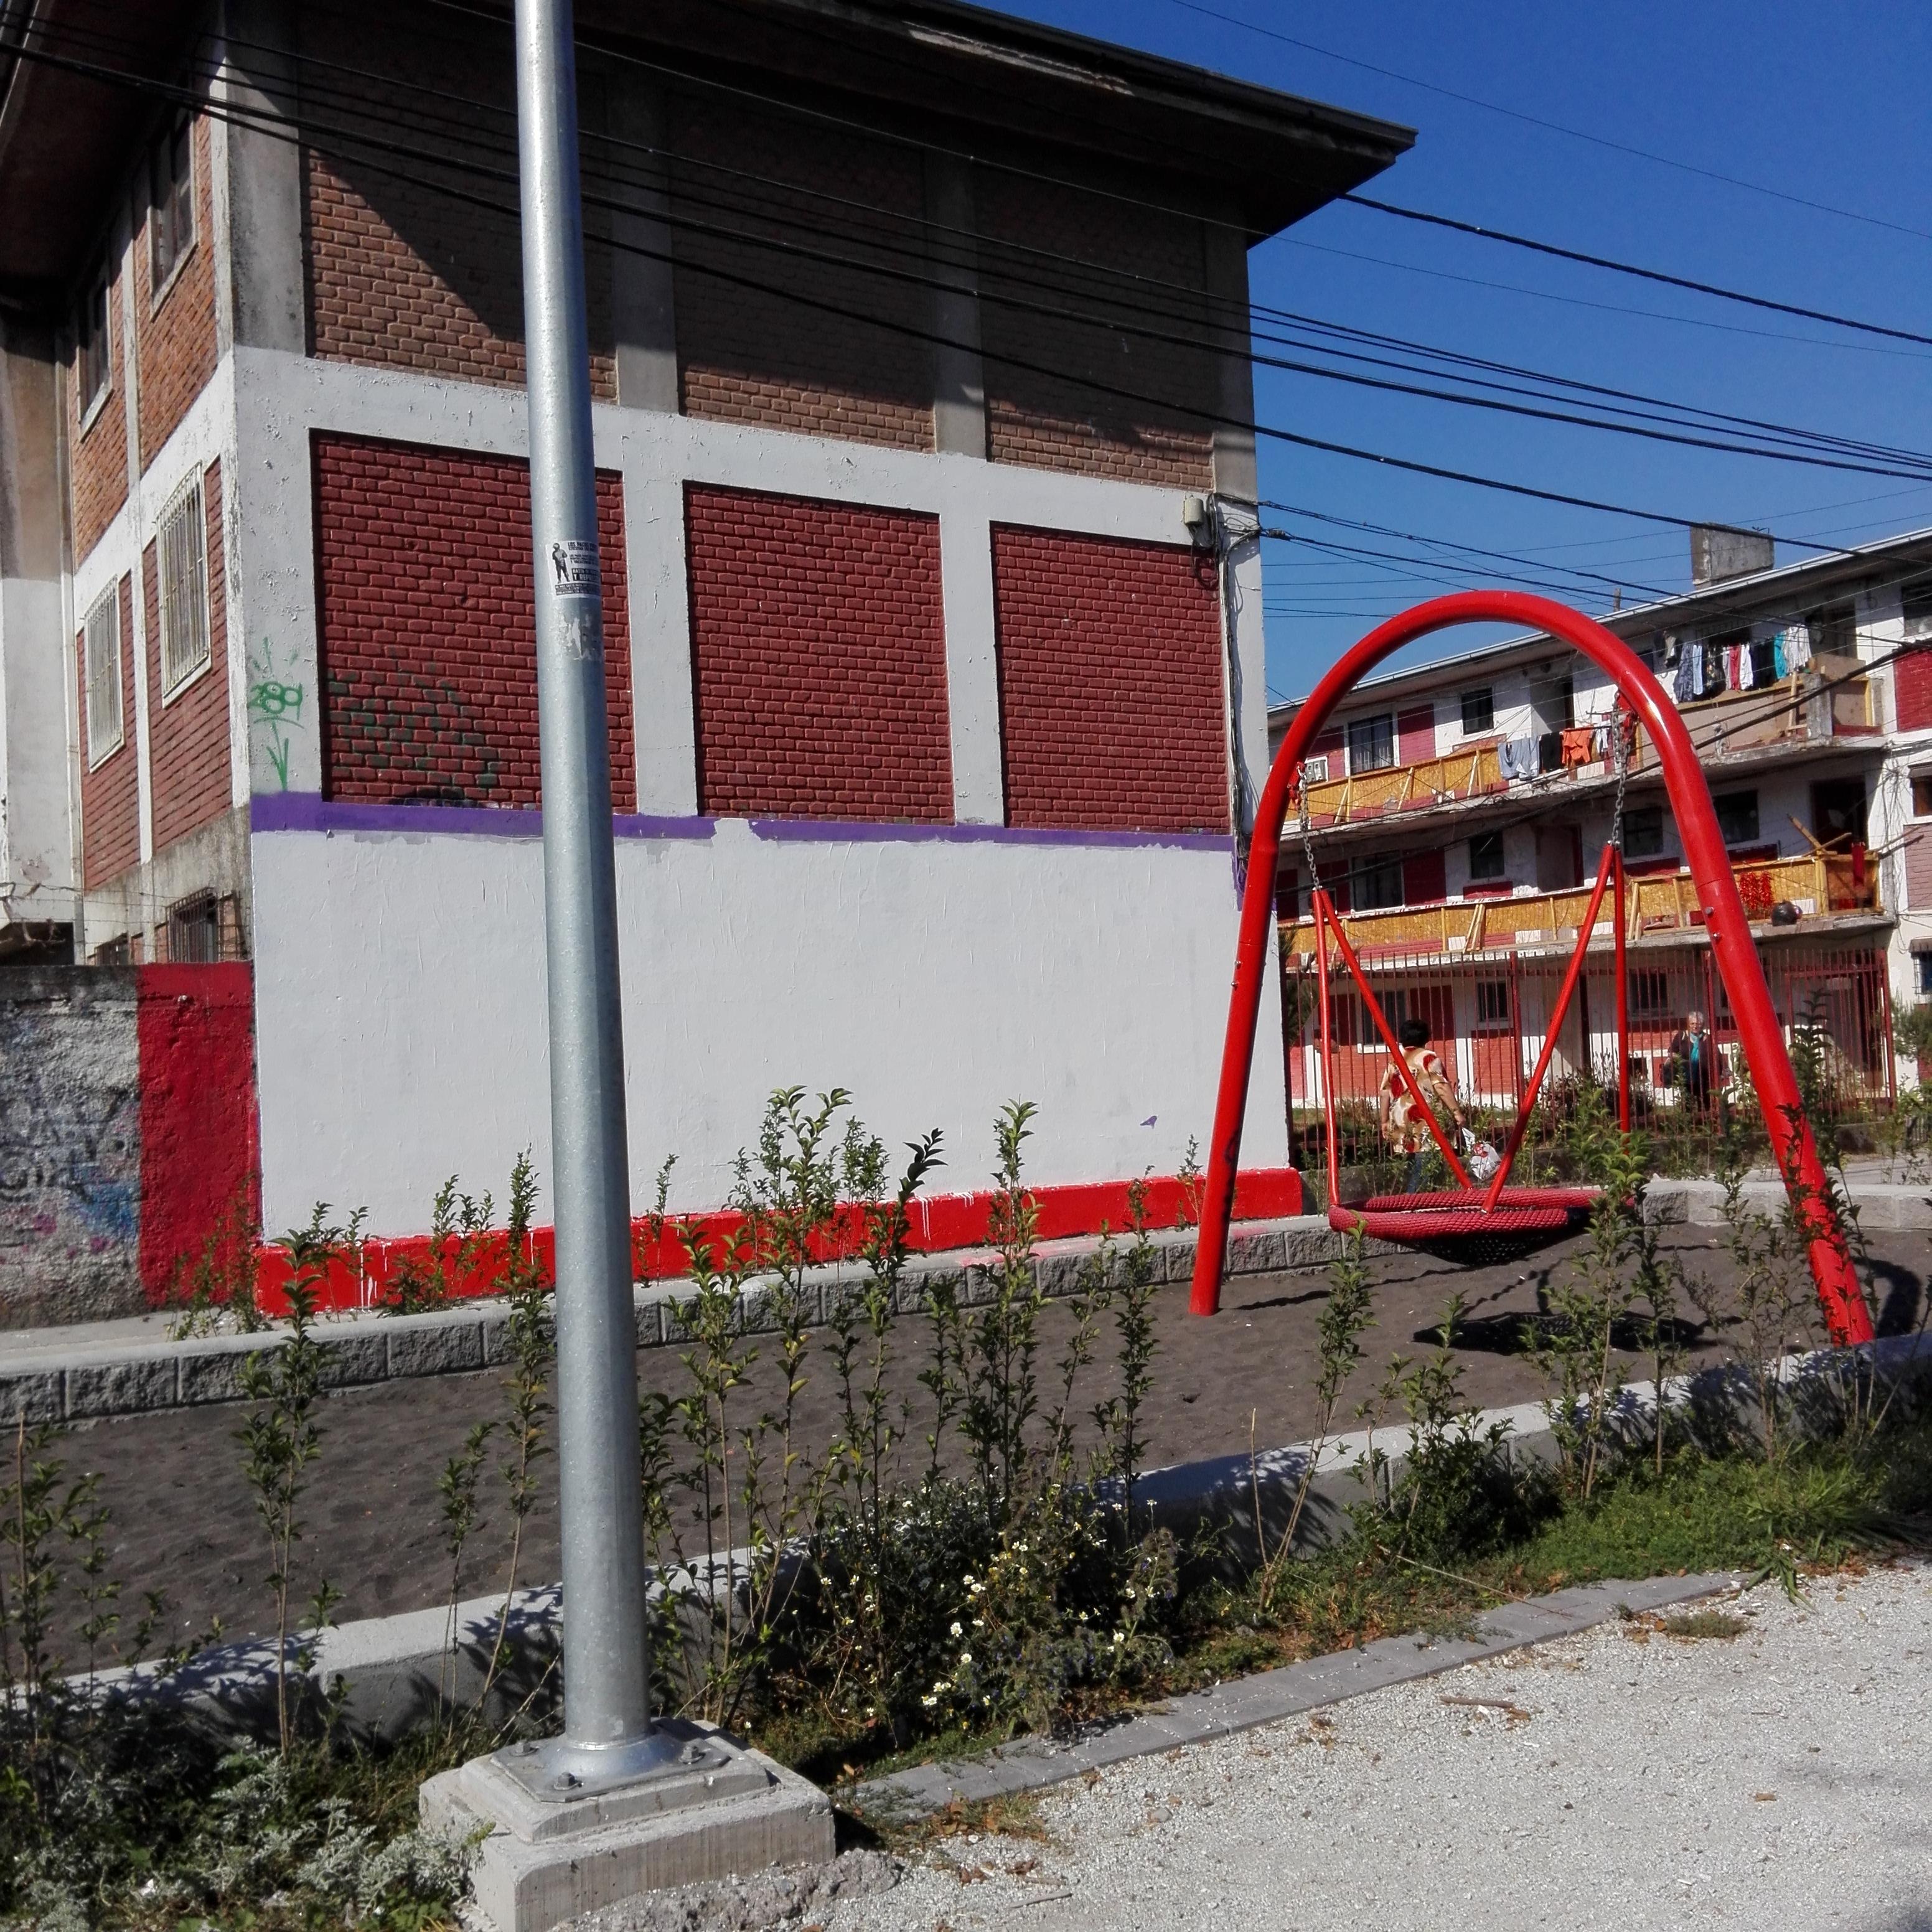 Así quedó el sitio donde estaba ubicado el mural destruido | Andrea Herrera (c), cedida a BioBioChile